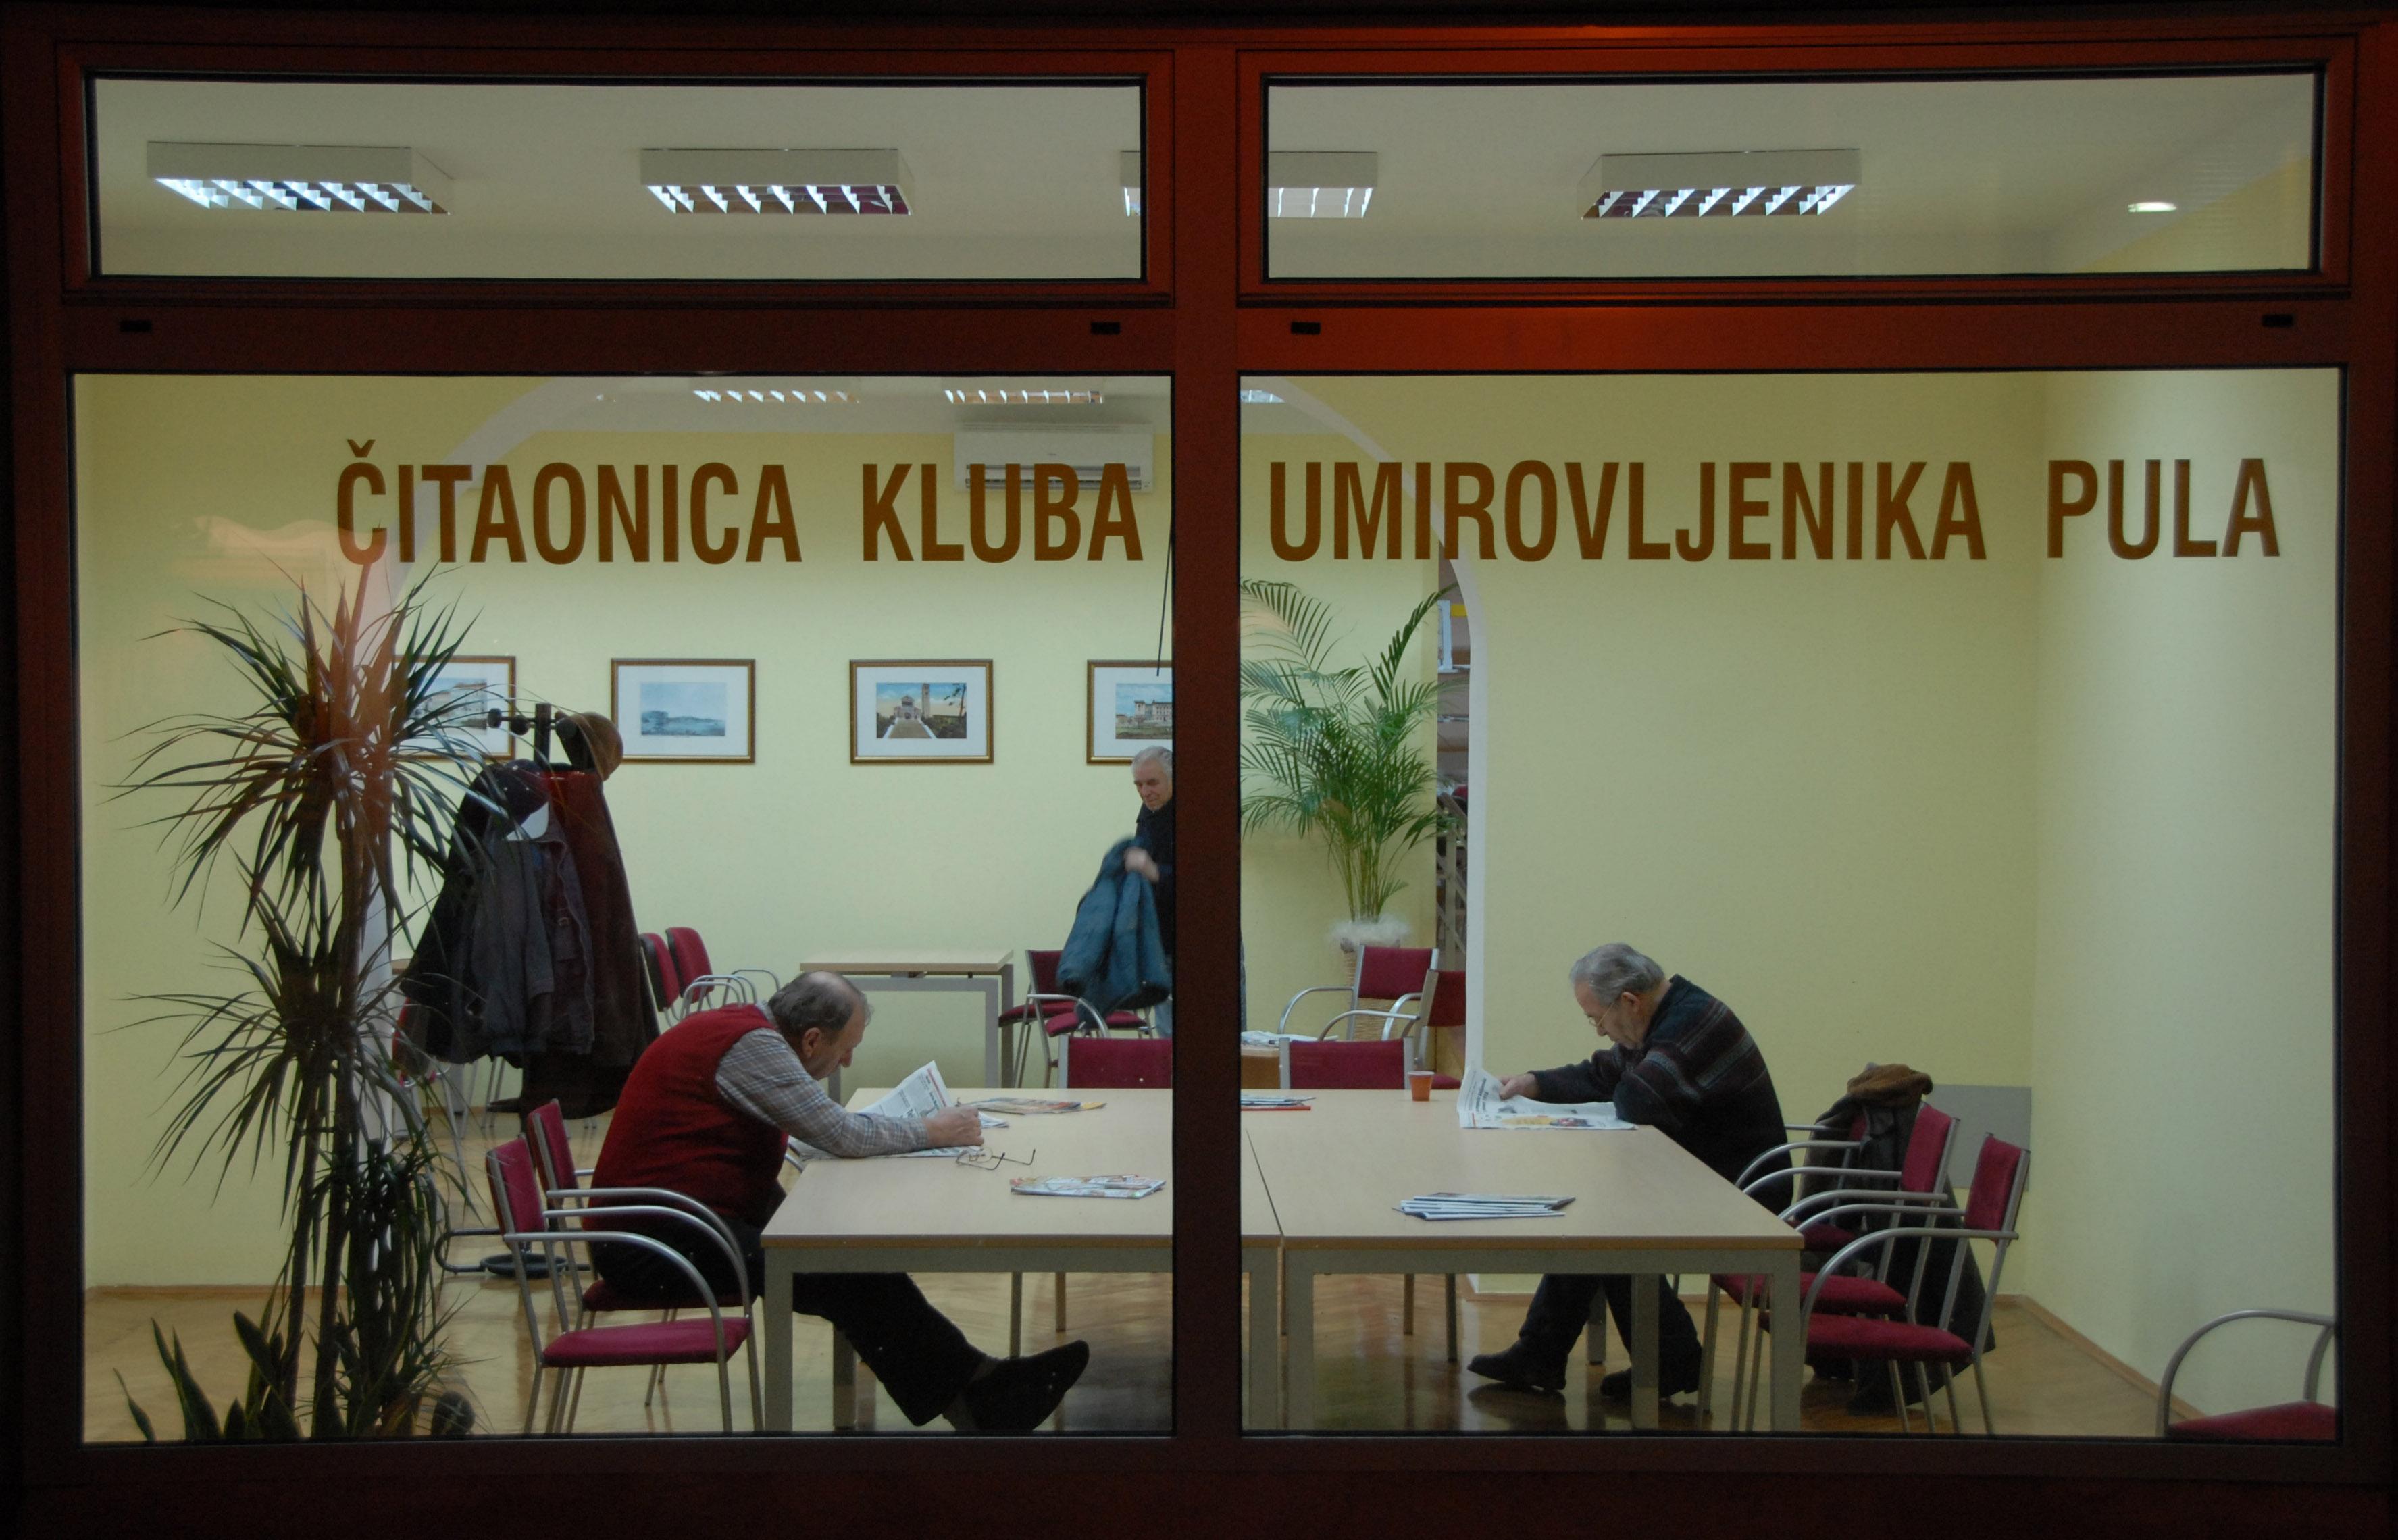 http://www.pula.hr/site_media/media/typo3/uploads/pics/Penzici-klub_02.jpg